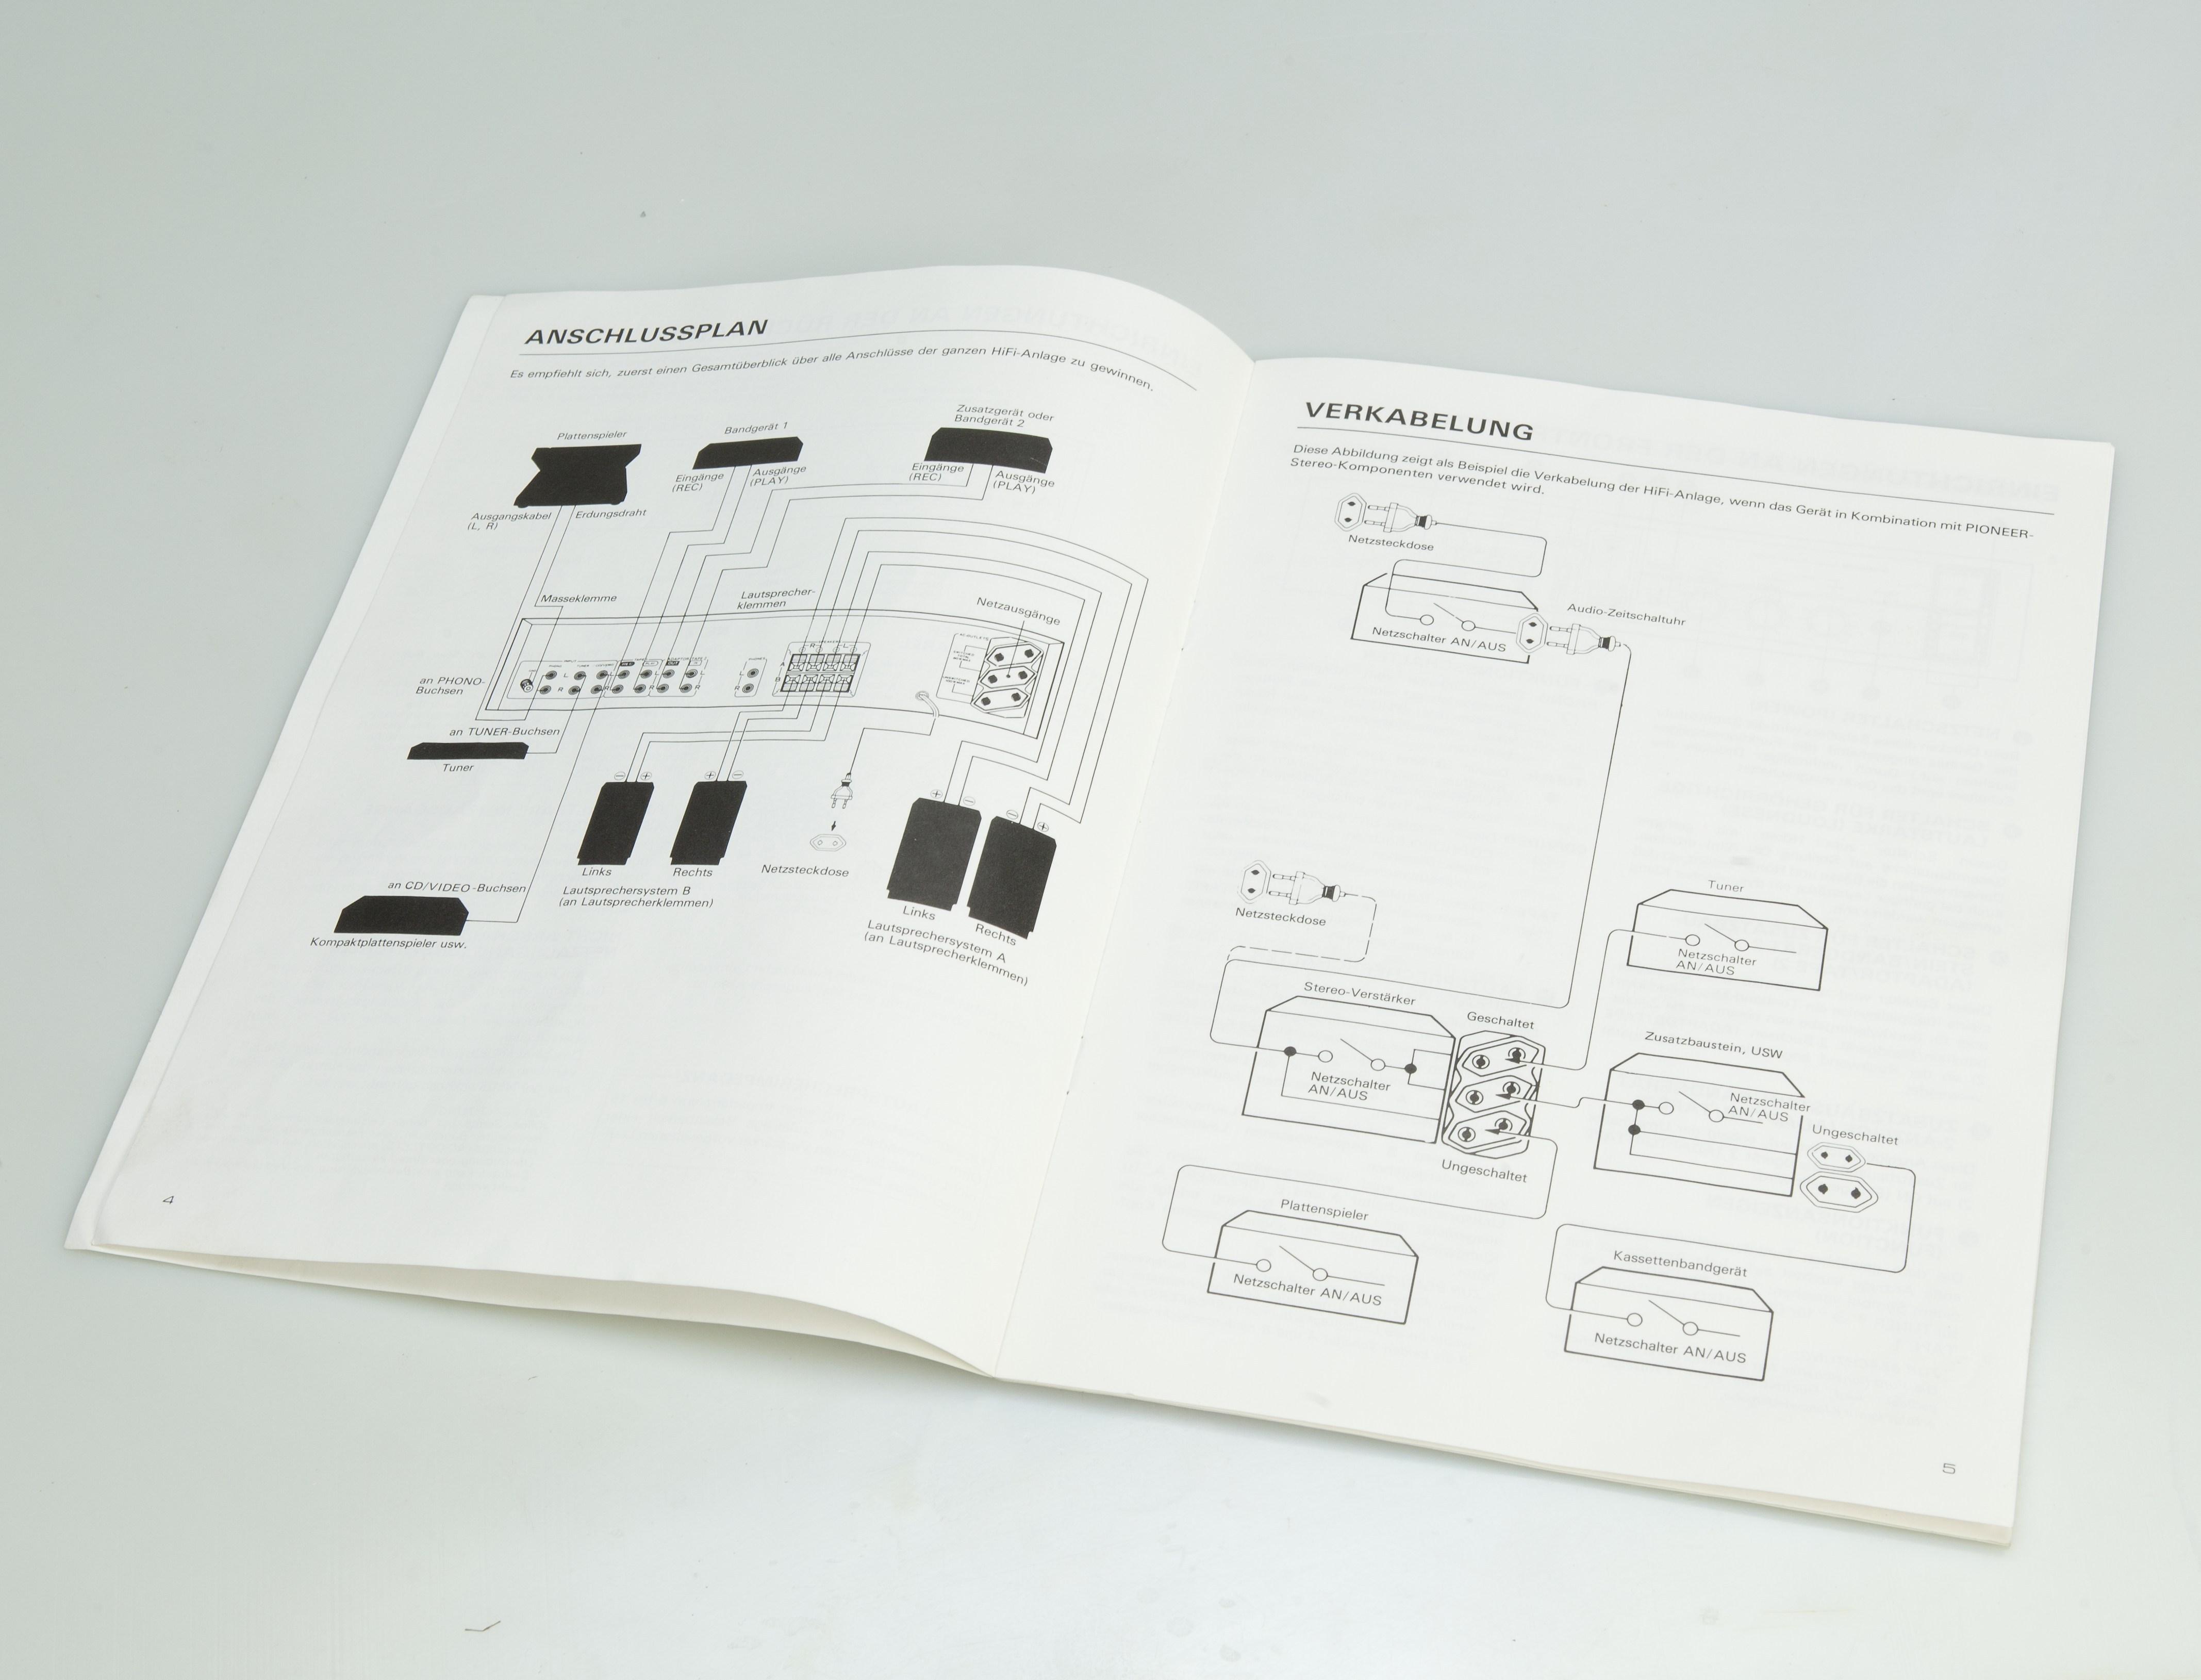 Atemberaubend Pioneer Auto Stereo Verkabelung Diagramm Farben Fotos ...